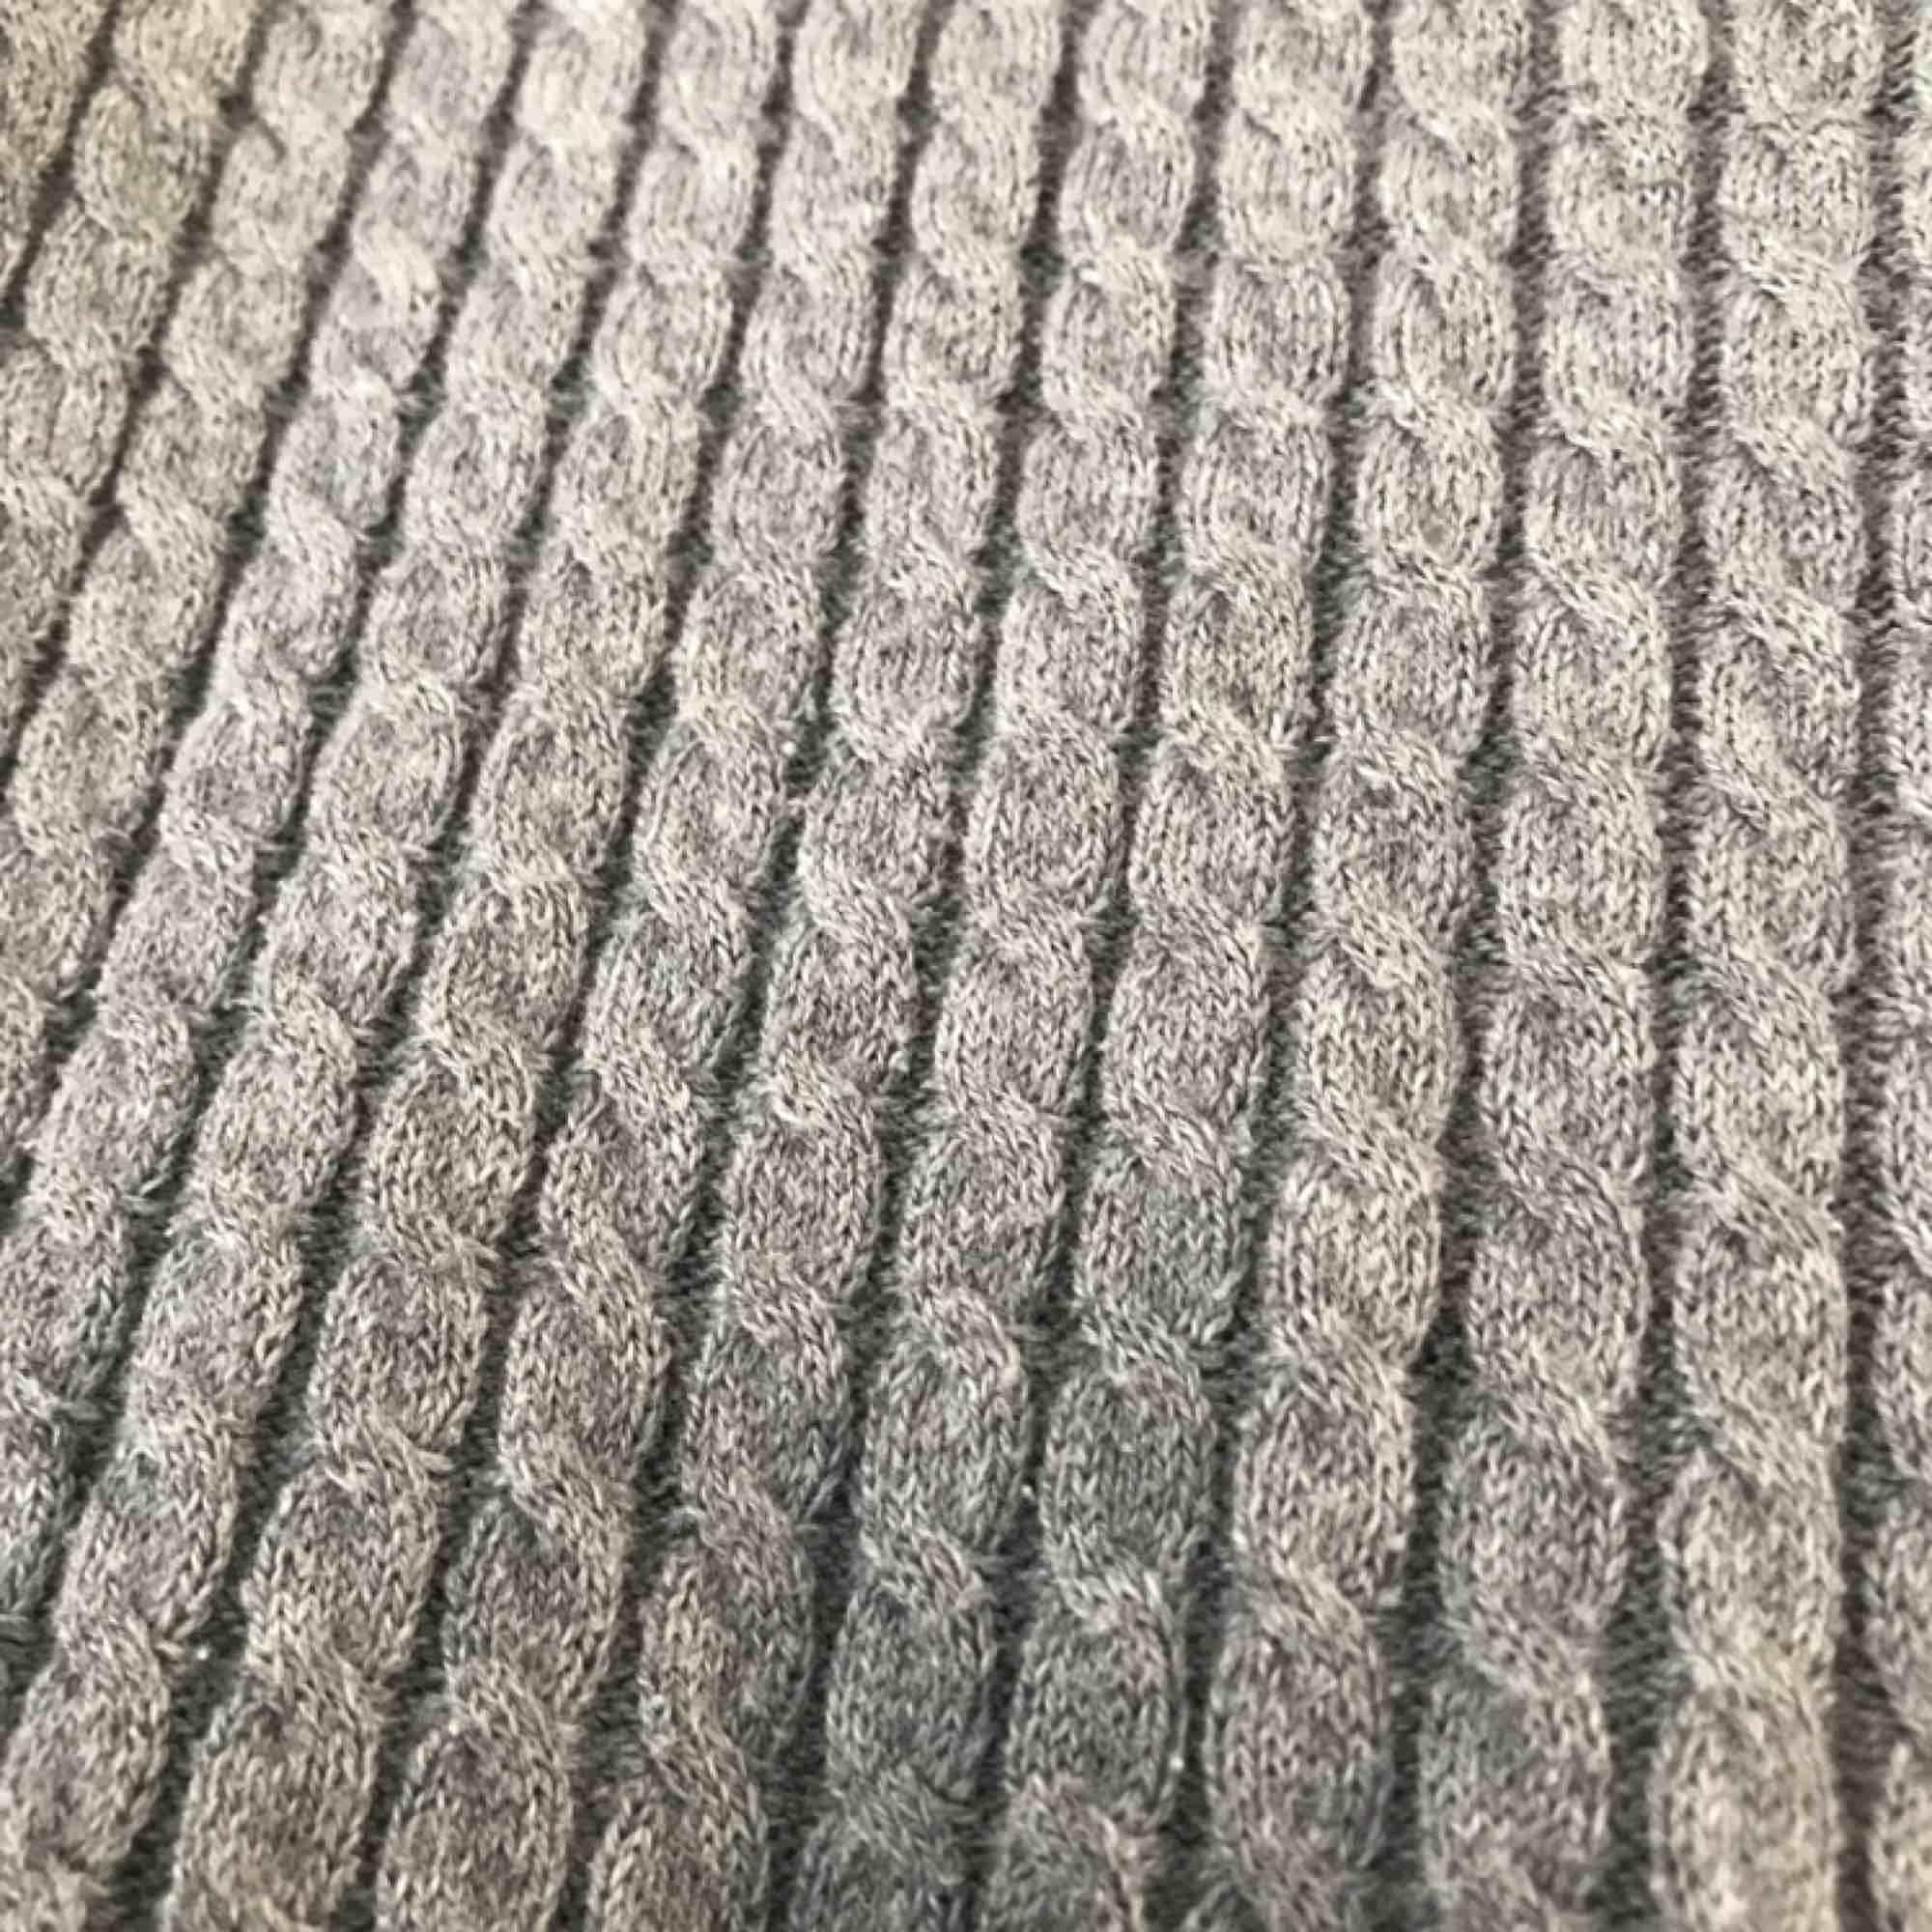 En lite tunnare kabelstickad tröja. Enligt lappen är det storlek S, men jag skulle säga XS. Inte alls sliten. Frakt är inte inräknat. Stickat.